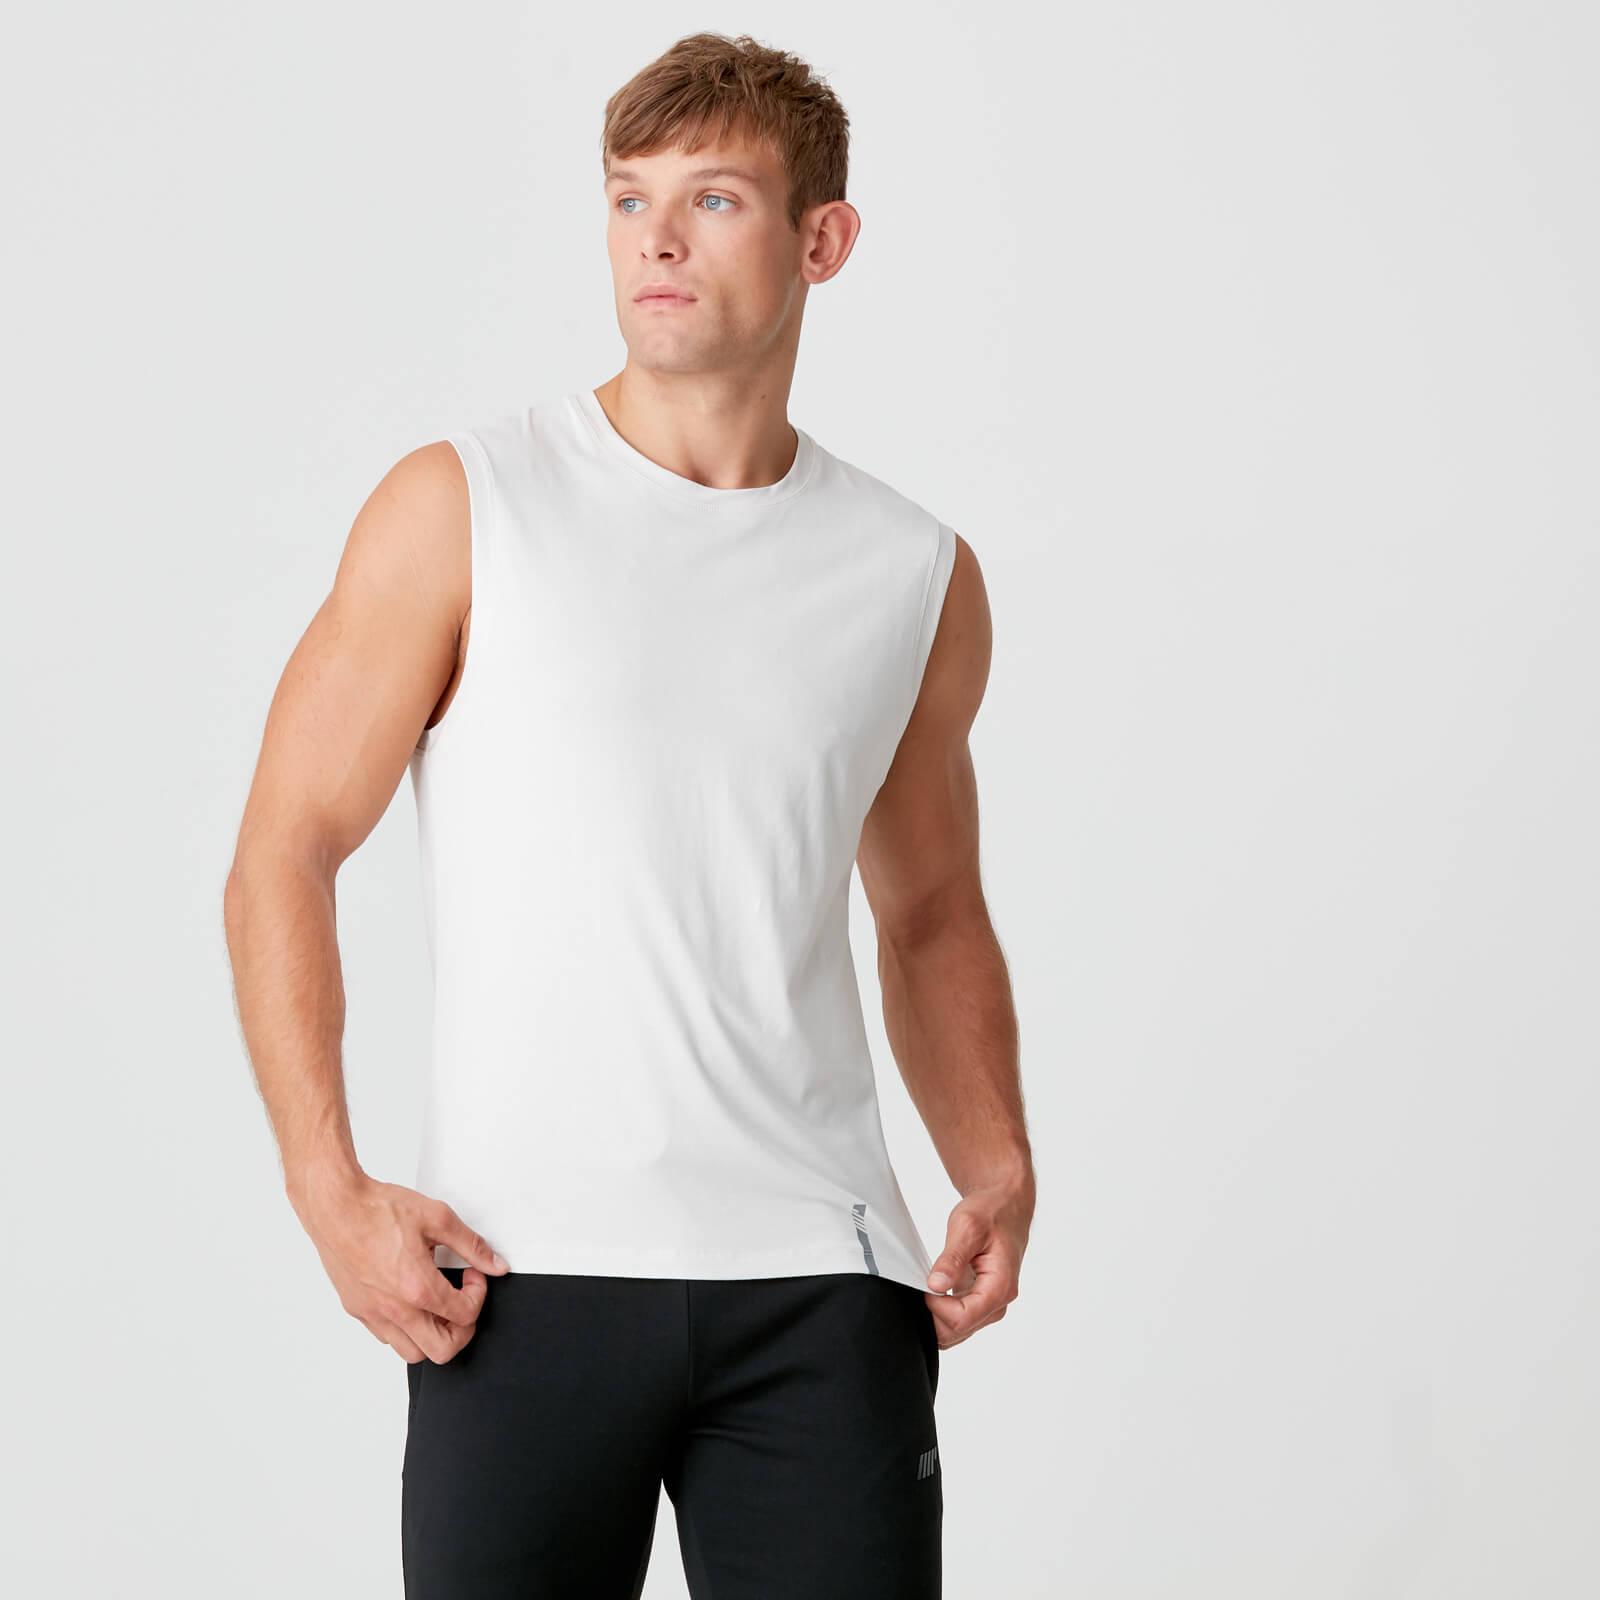 8e4068e37c6 Koupit Luxe klasické tričko bez rukávů